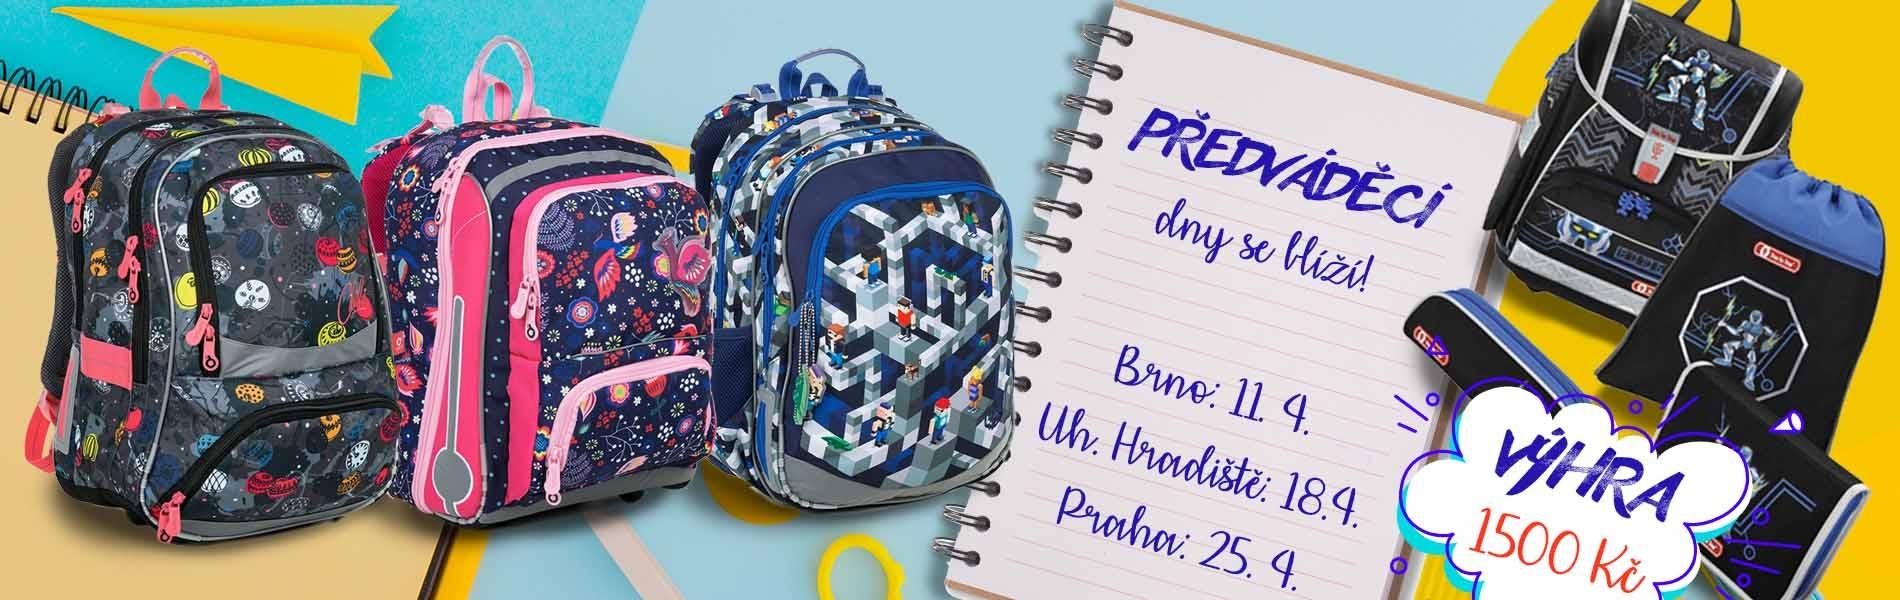 592039f17f Chystáte se na nákup školní tašky pro budoucího prvňáčka  Nebo zvažujete  pořízení nového školního batohu